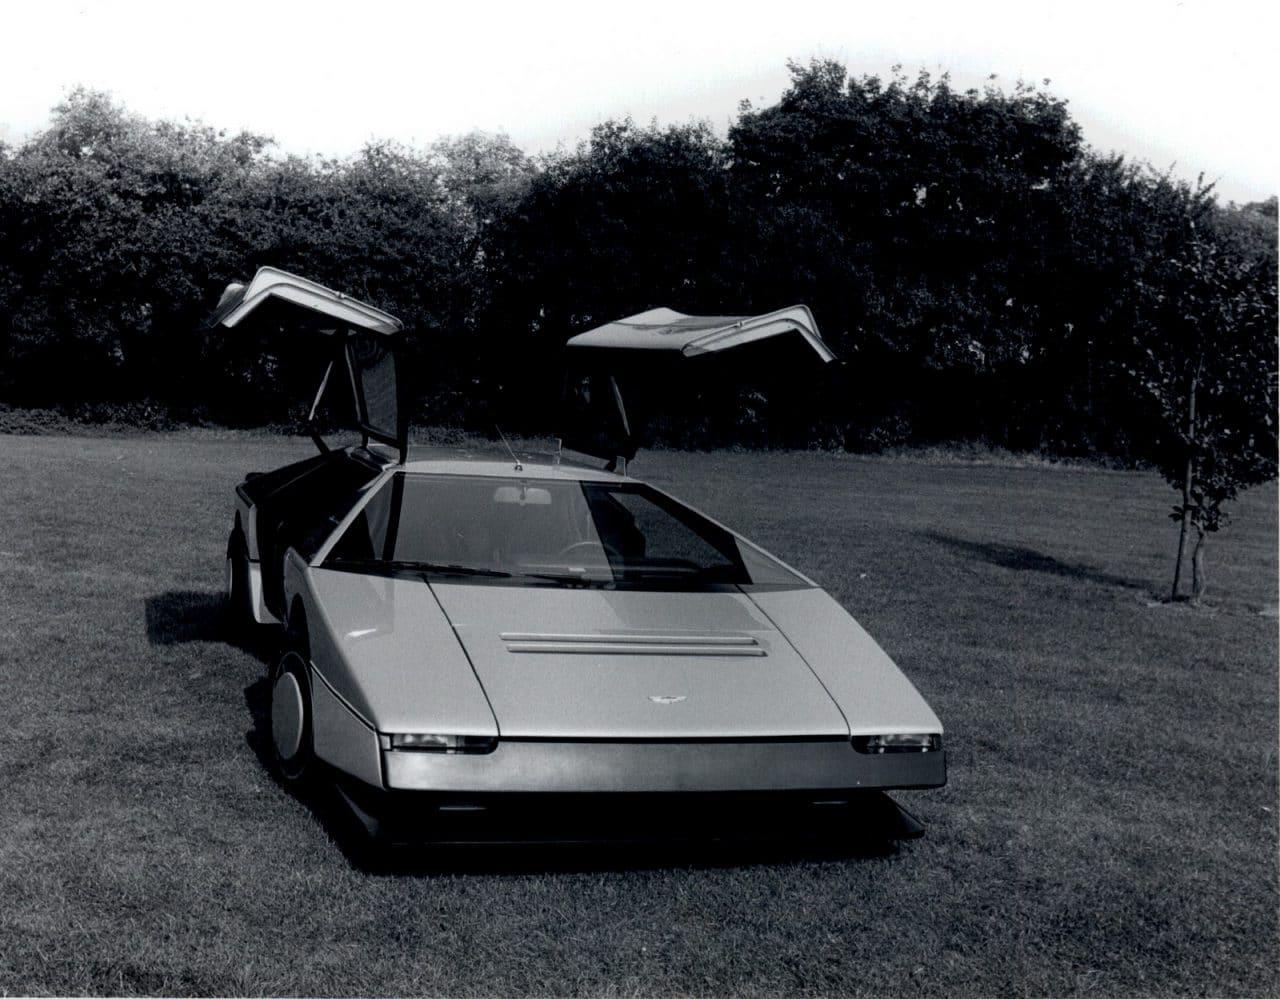 Aston_Martin_Bulldog_Concept_01